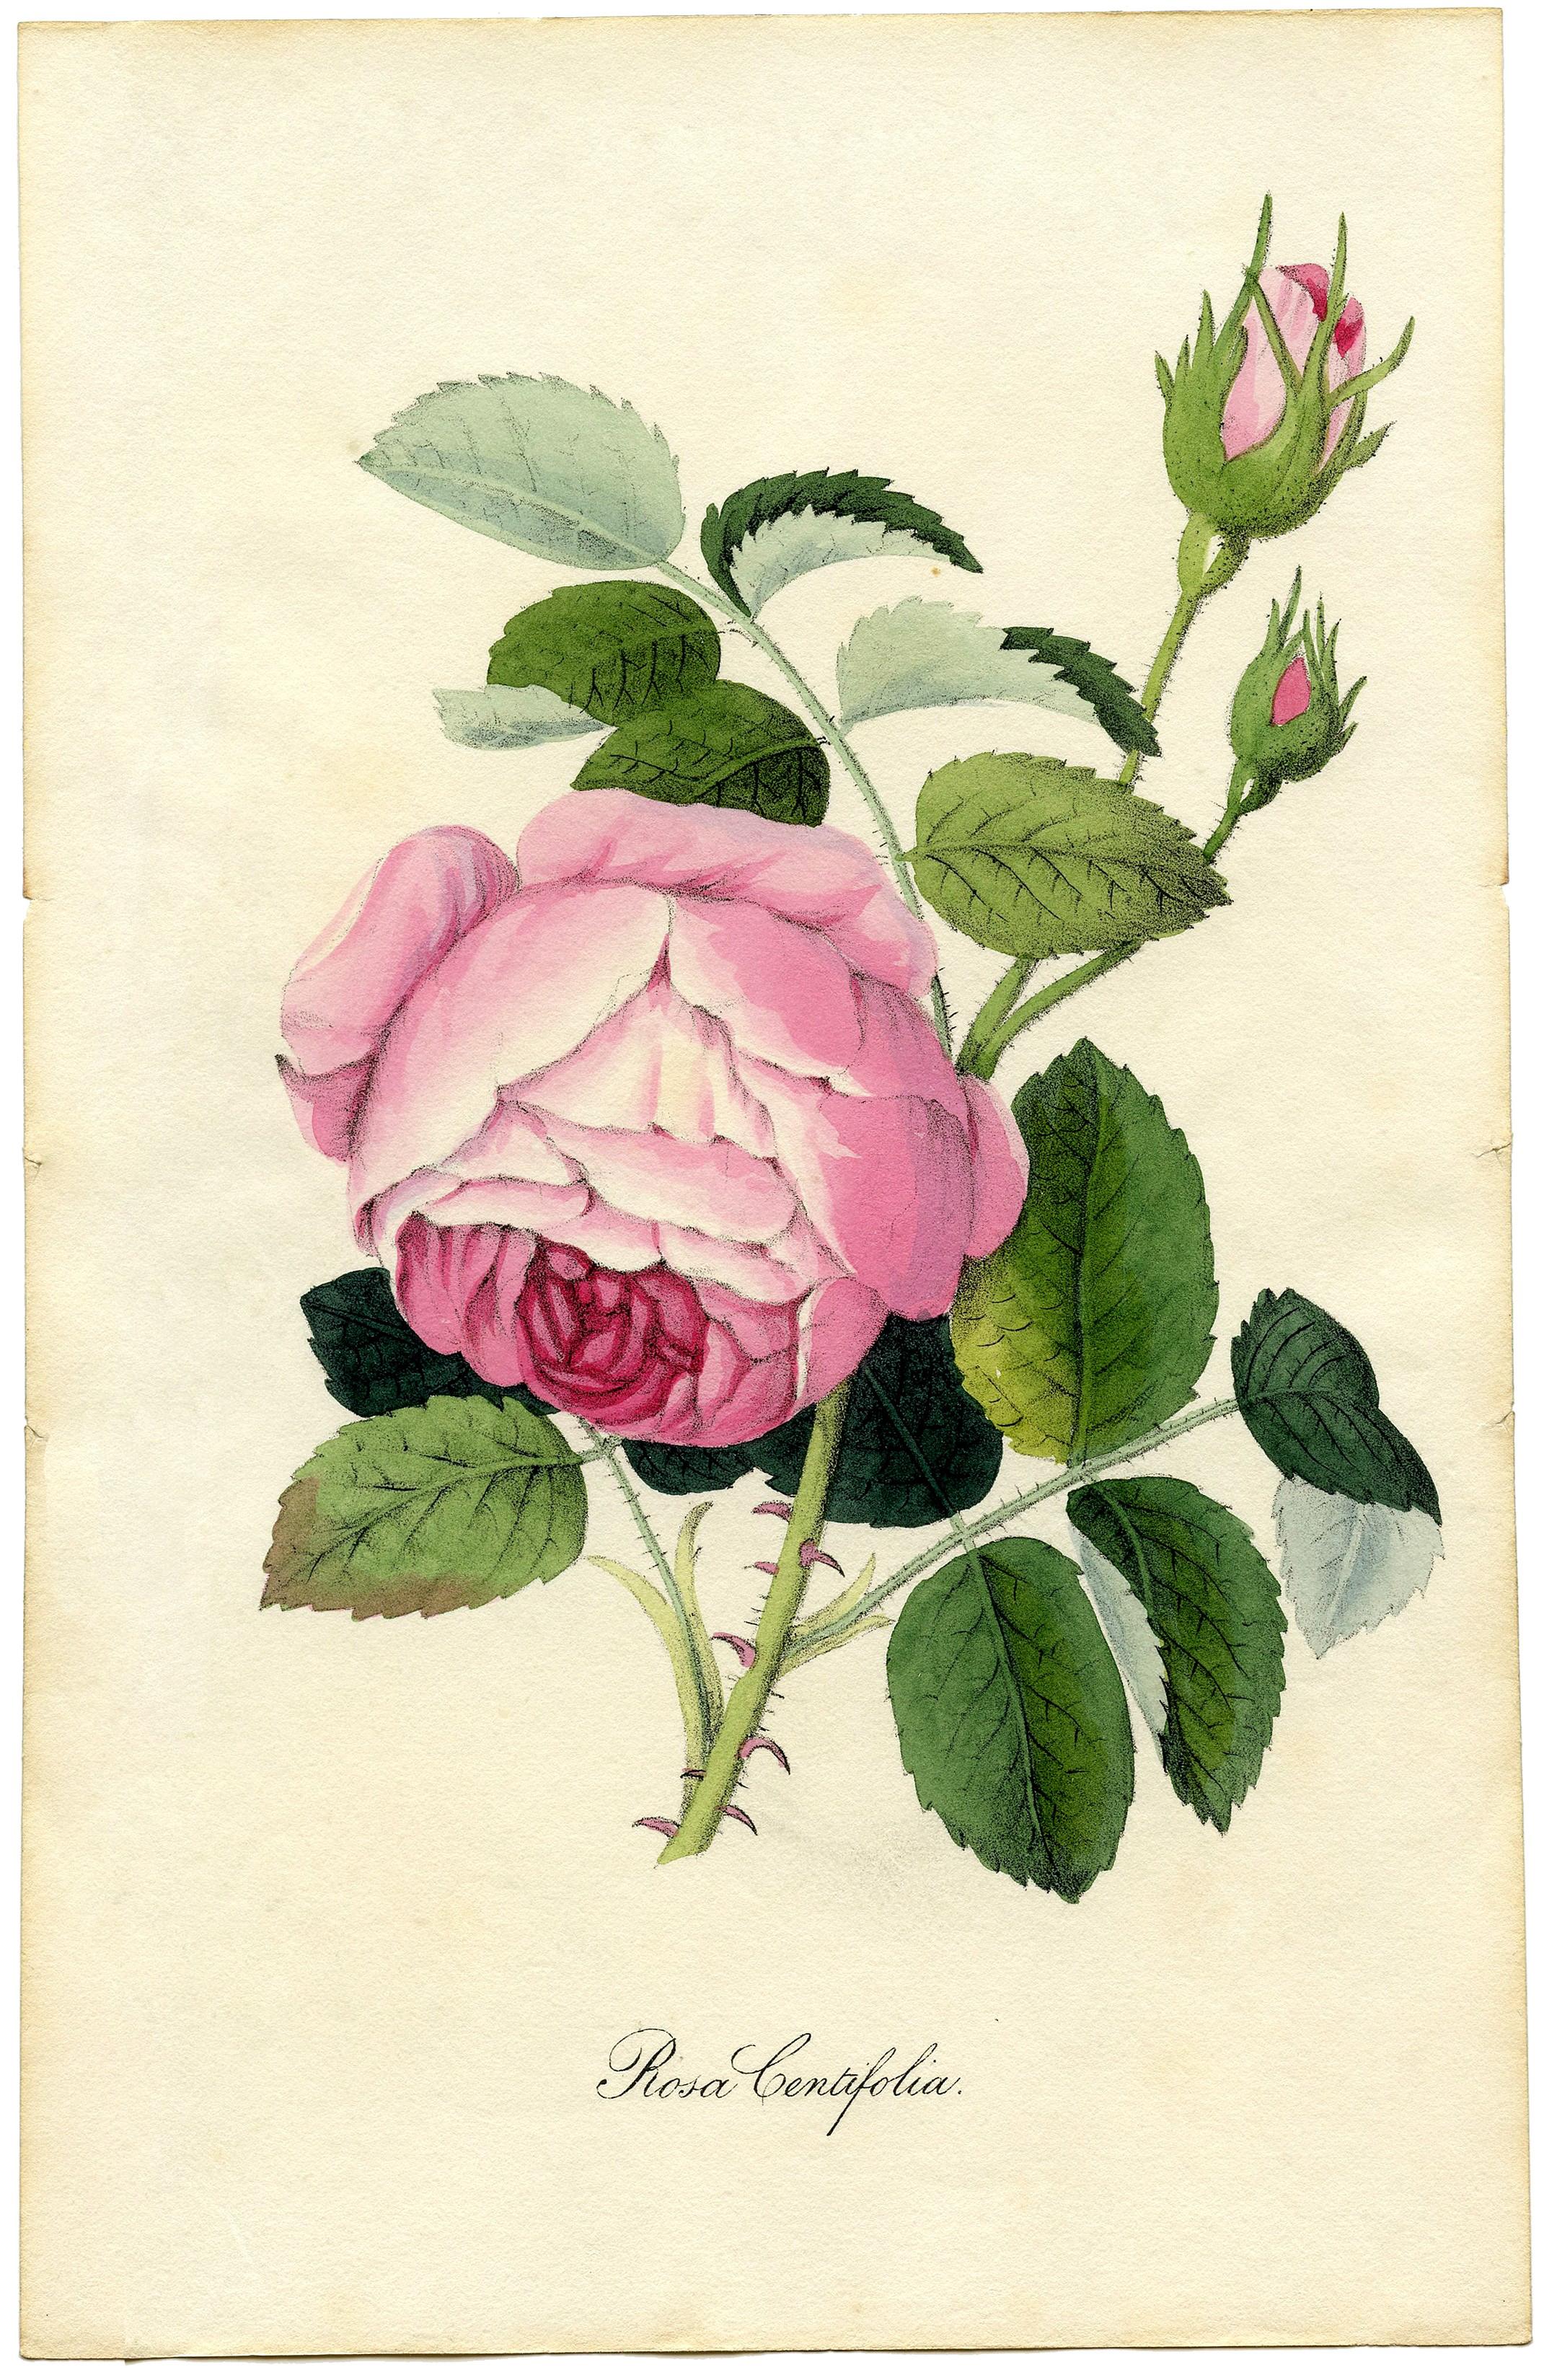 Рисунок с изображением розы centifoliya